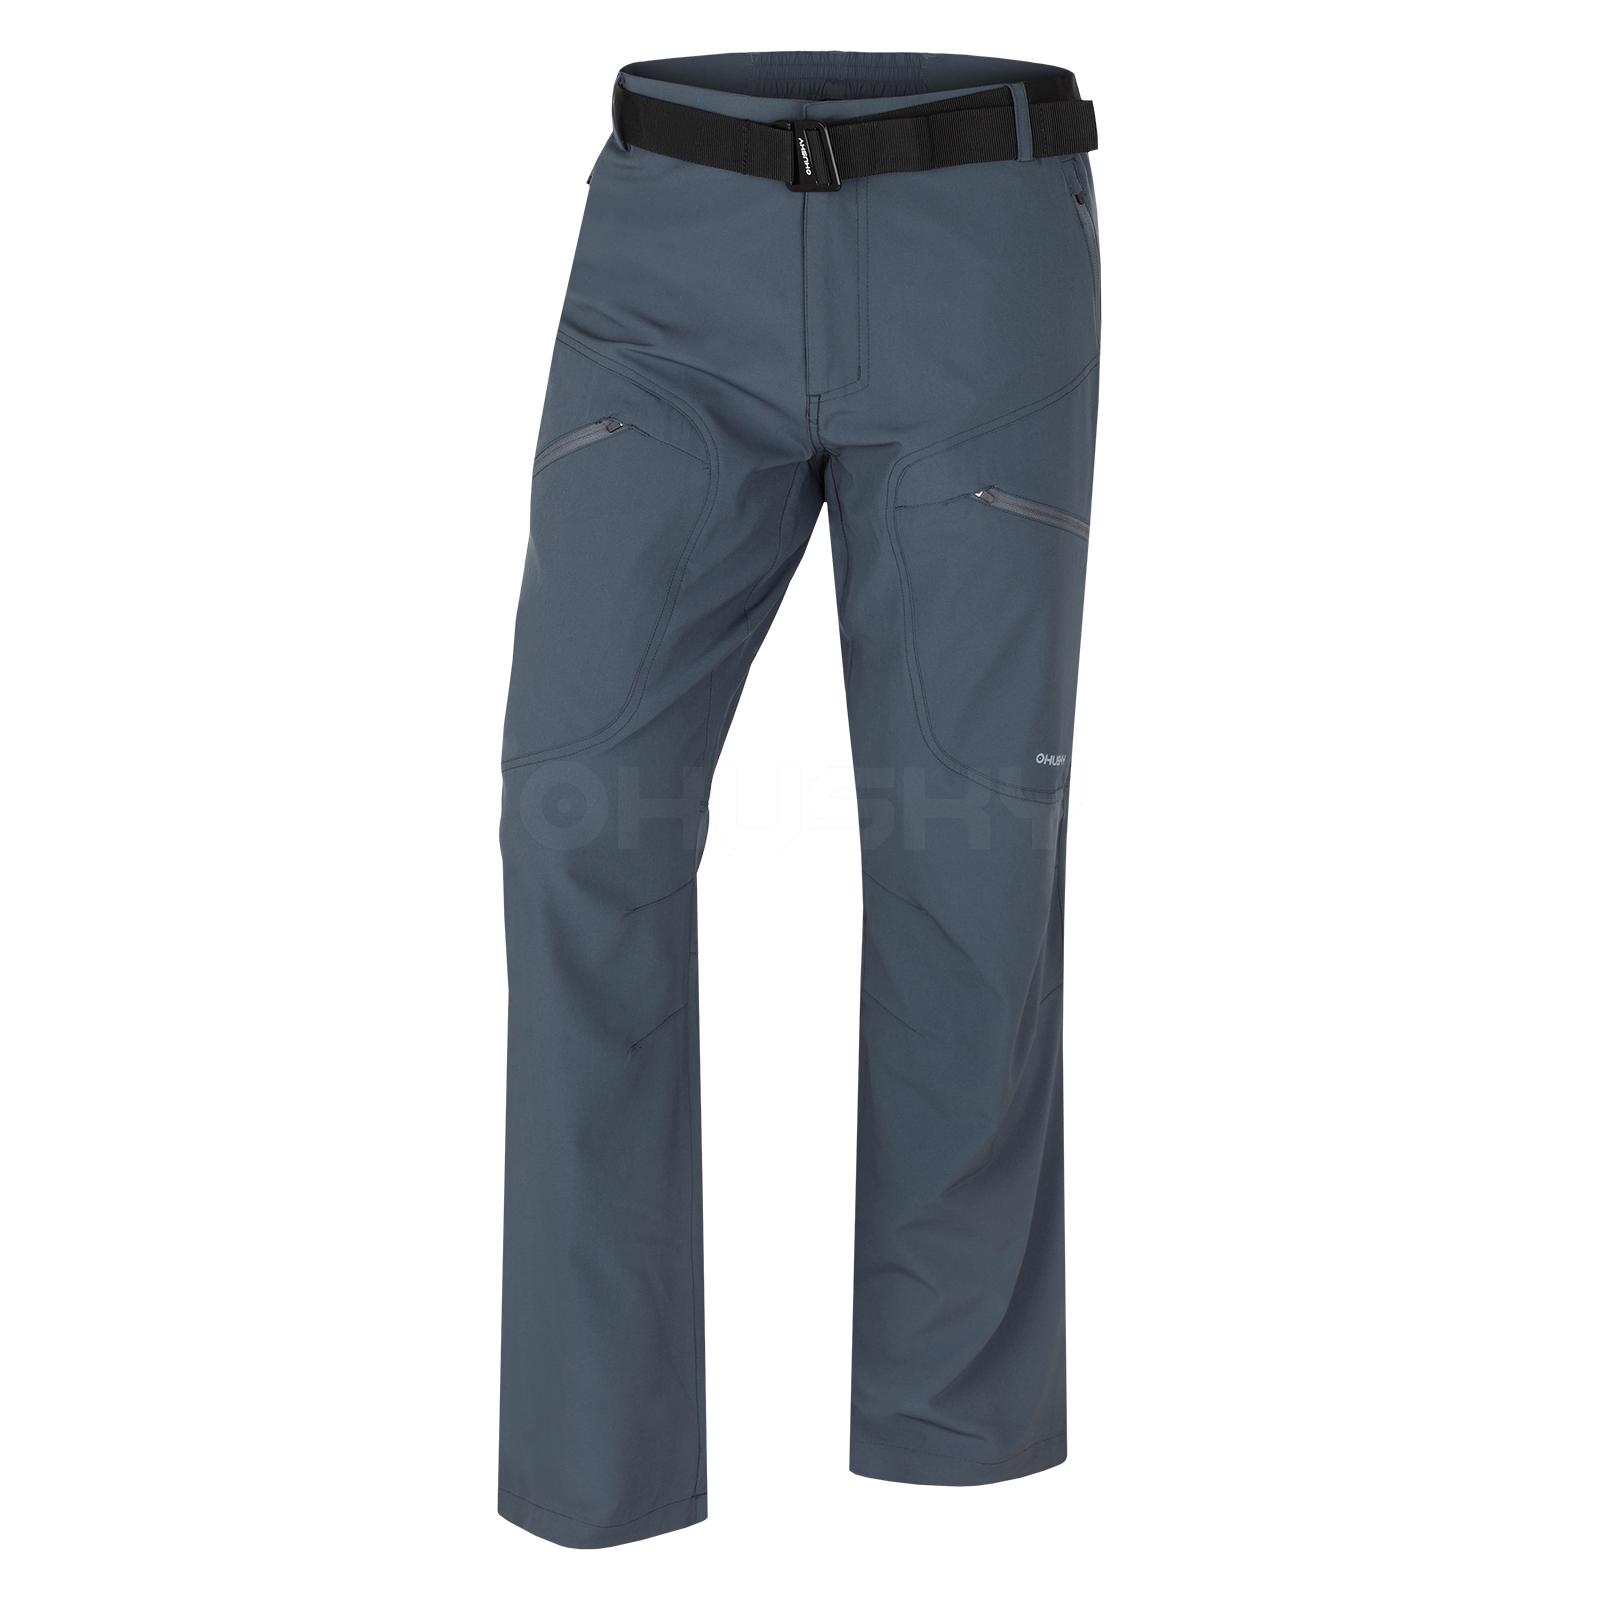 Husky Pánské outdoor kalhoty Keasy M antracit Velikost: M